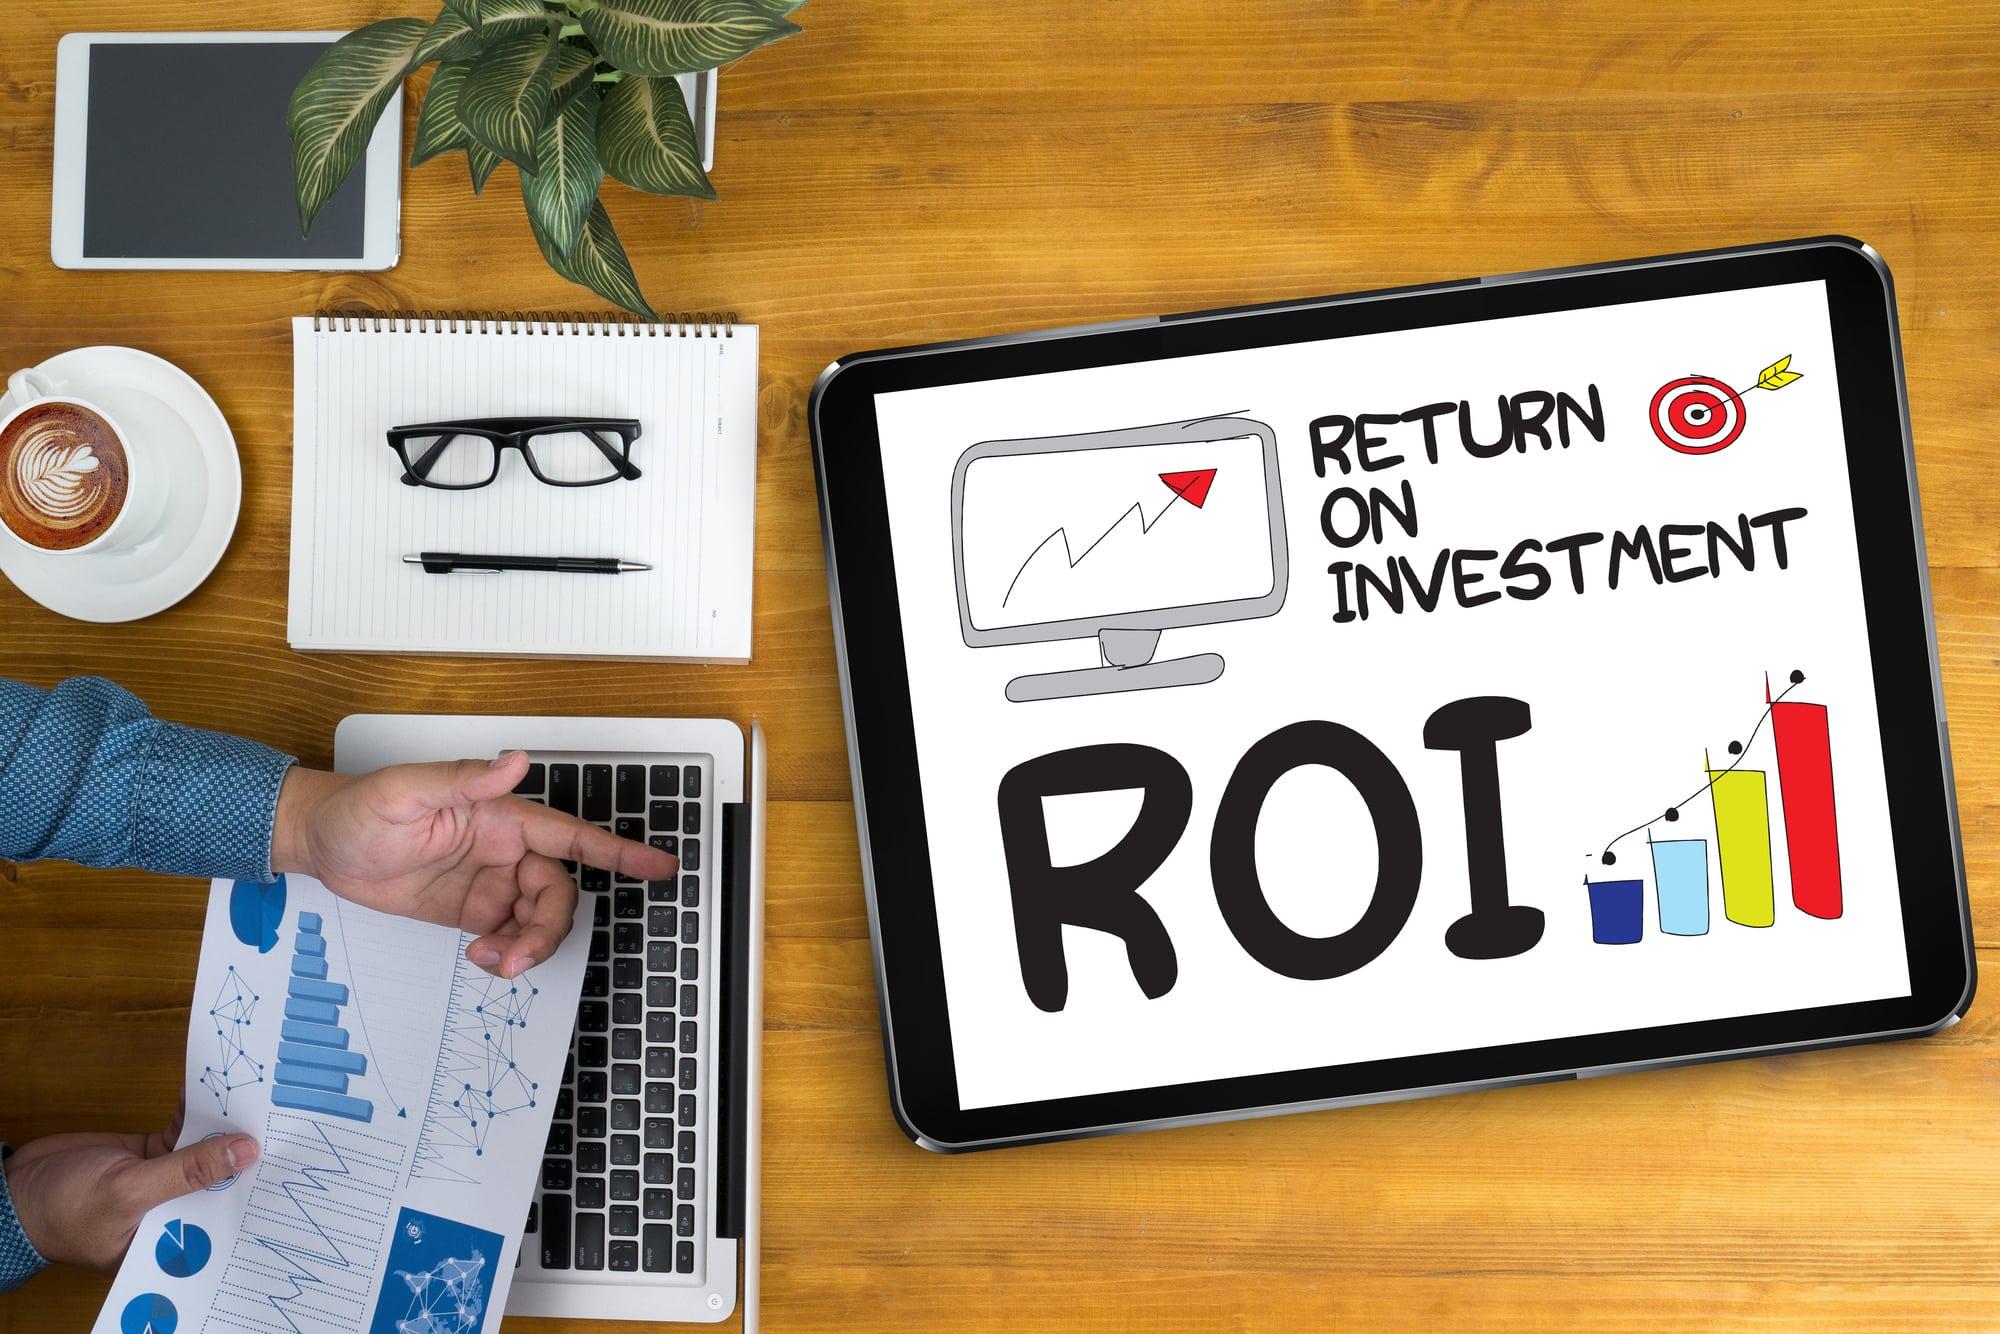 بازگشت سرمایه و اهمیت دیجیتال مارکتینگ